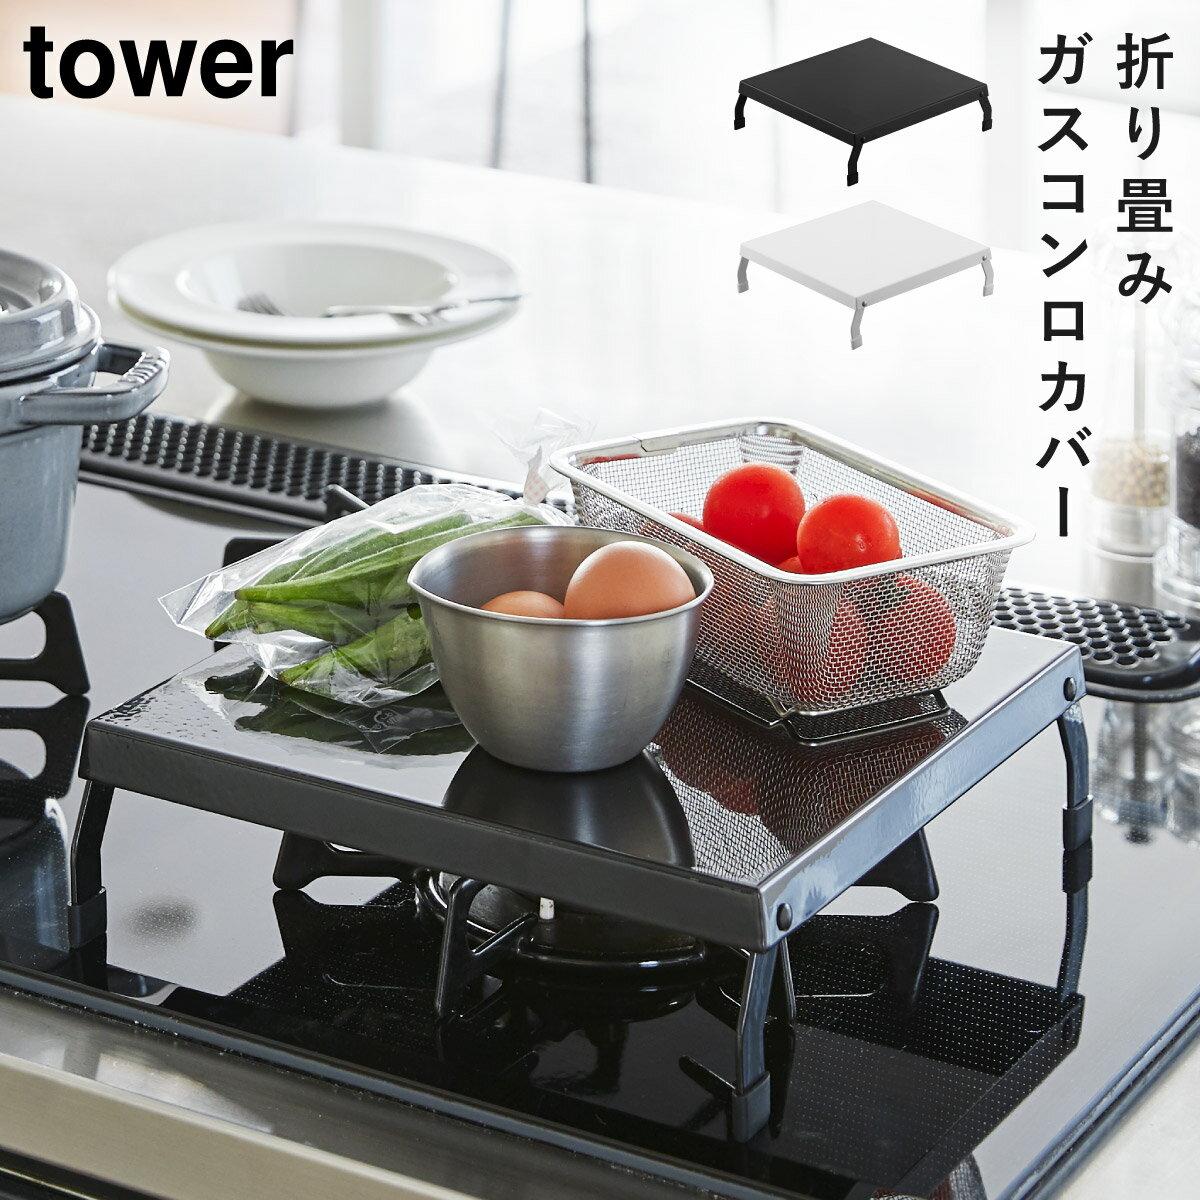 コンロ カバー 作業台 コンロカバー 油はねガード タワー タワーシリーズ 山崎実業 折り畳みガスコンロカバー タワー tower